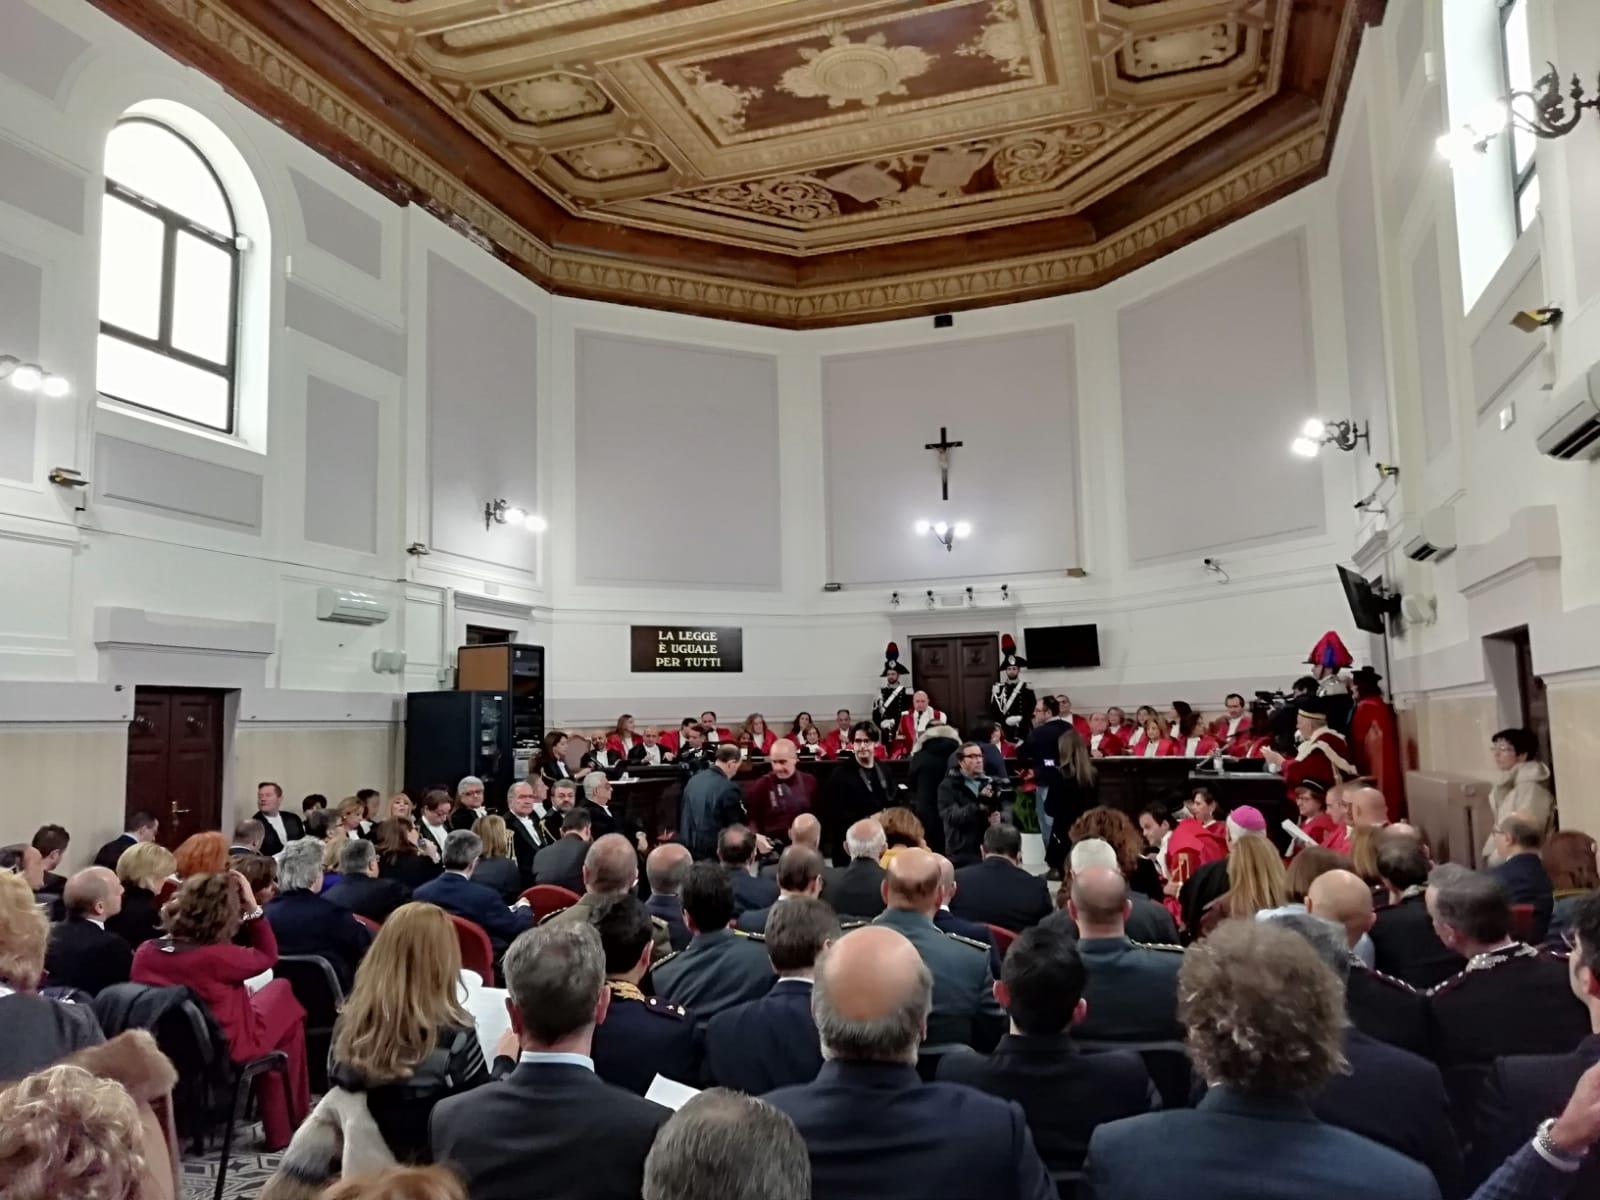 Inaugurato l'anno giudiziario a Catanzaro e Reggio CalabriaEvidenziato il peso della 'ndrangheta e il lavoro delle forze dell'ordine